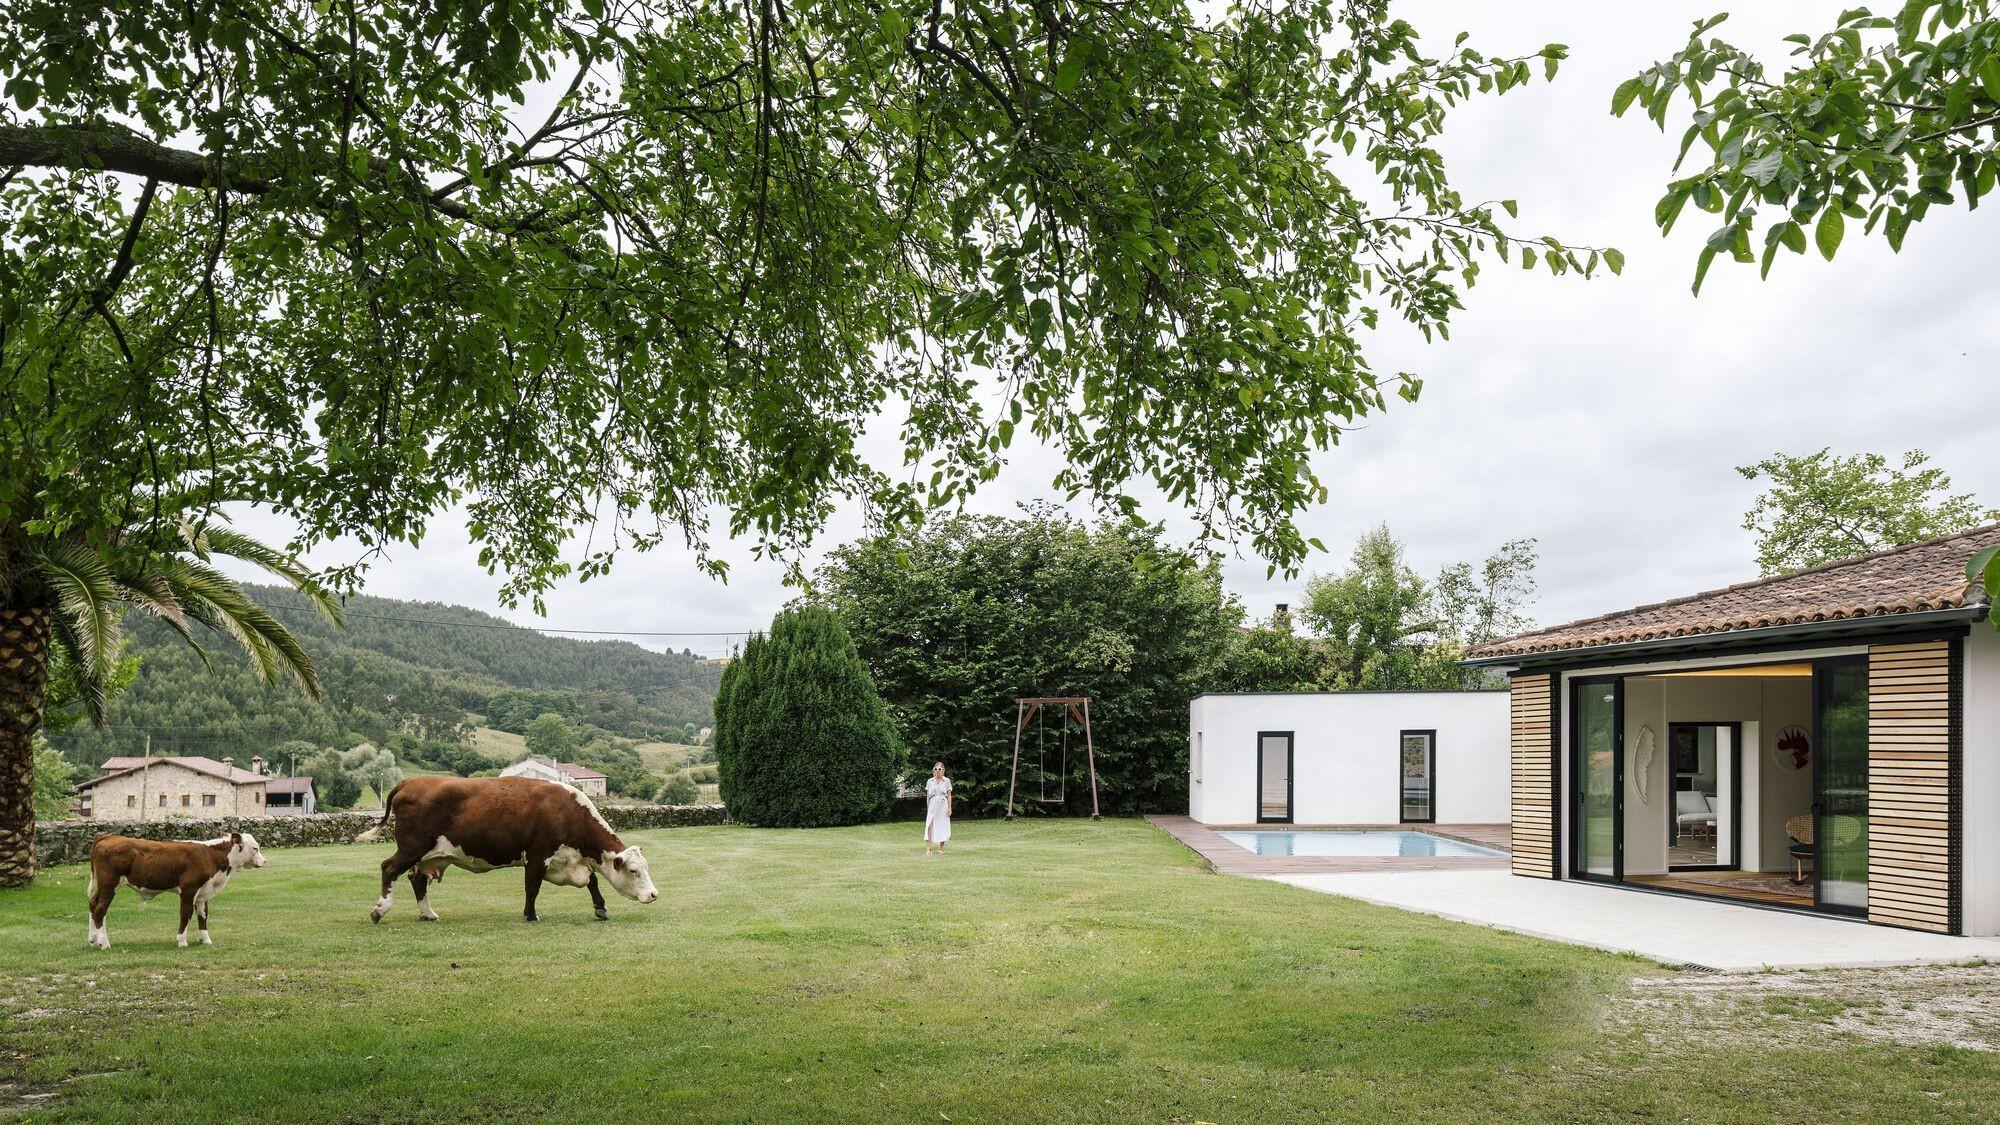 Реконструкция бывшей конюшни в загородный дом